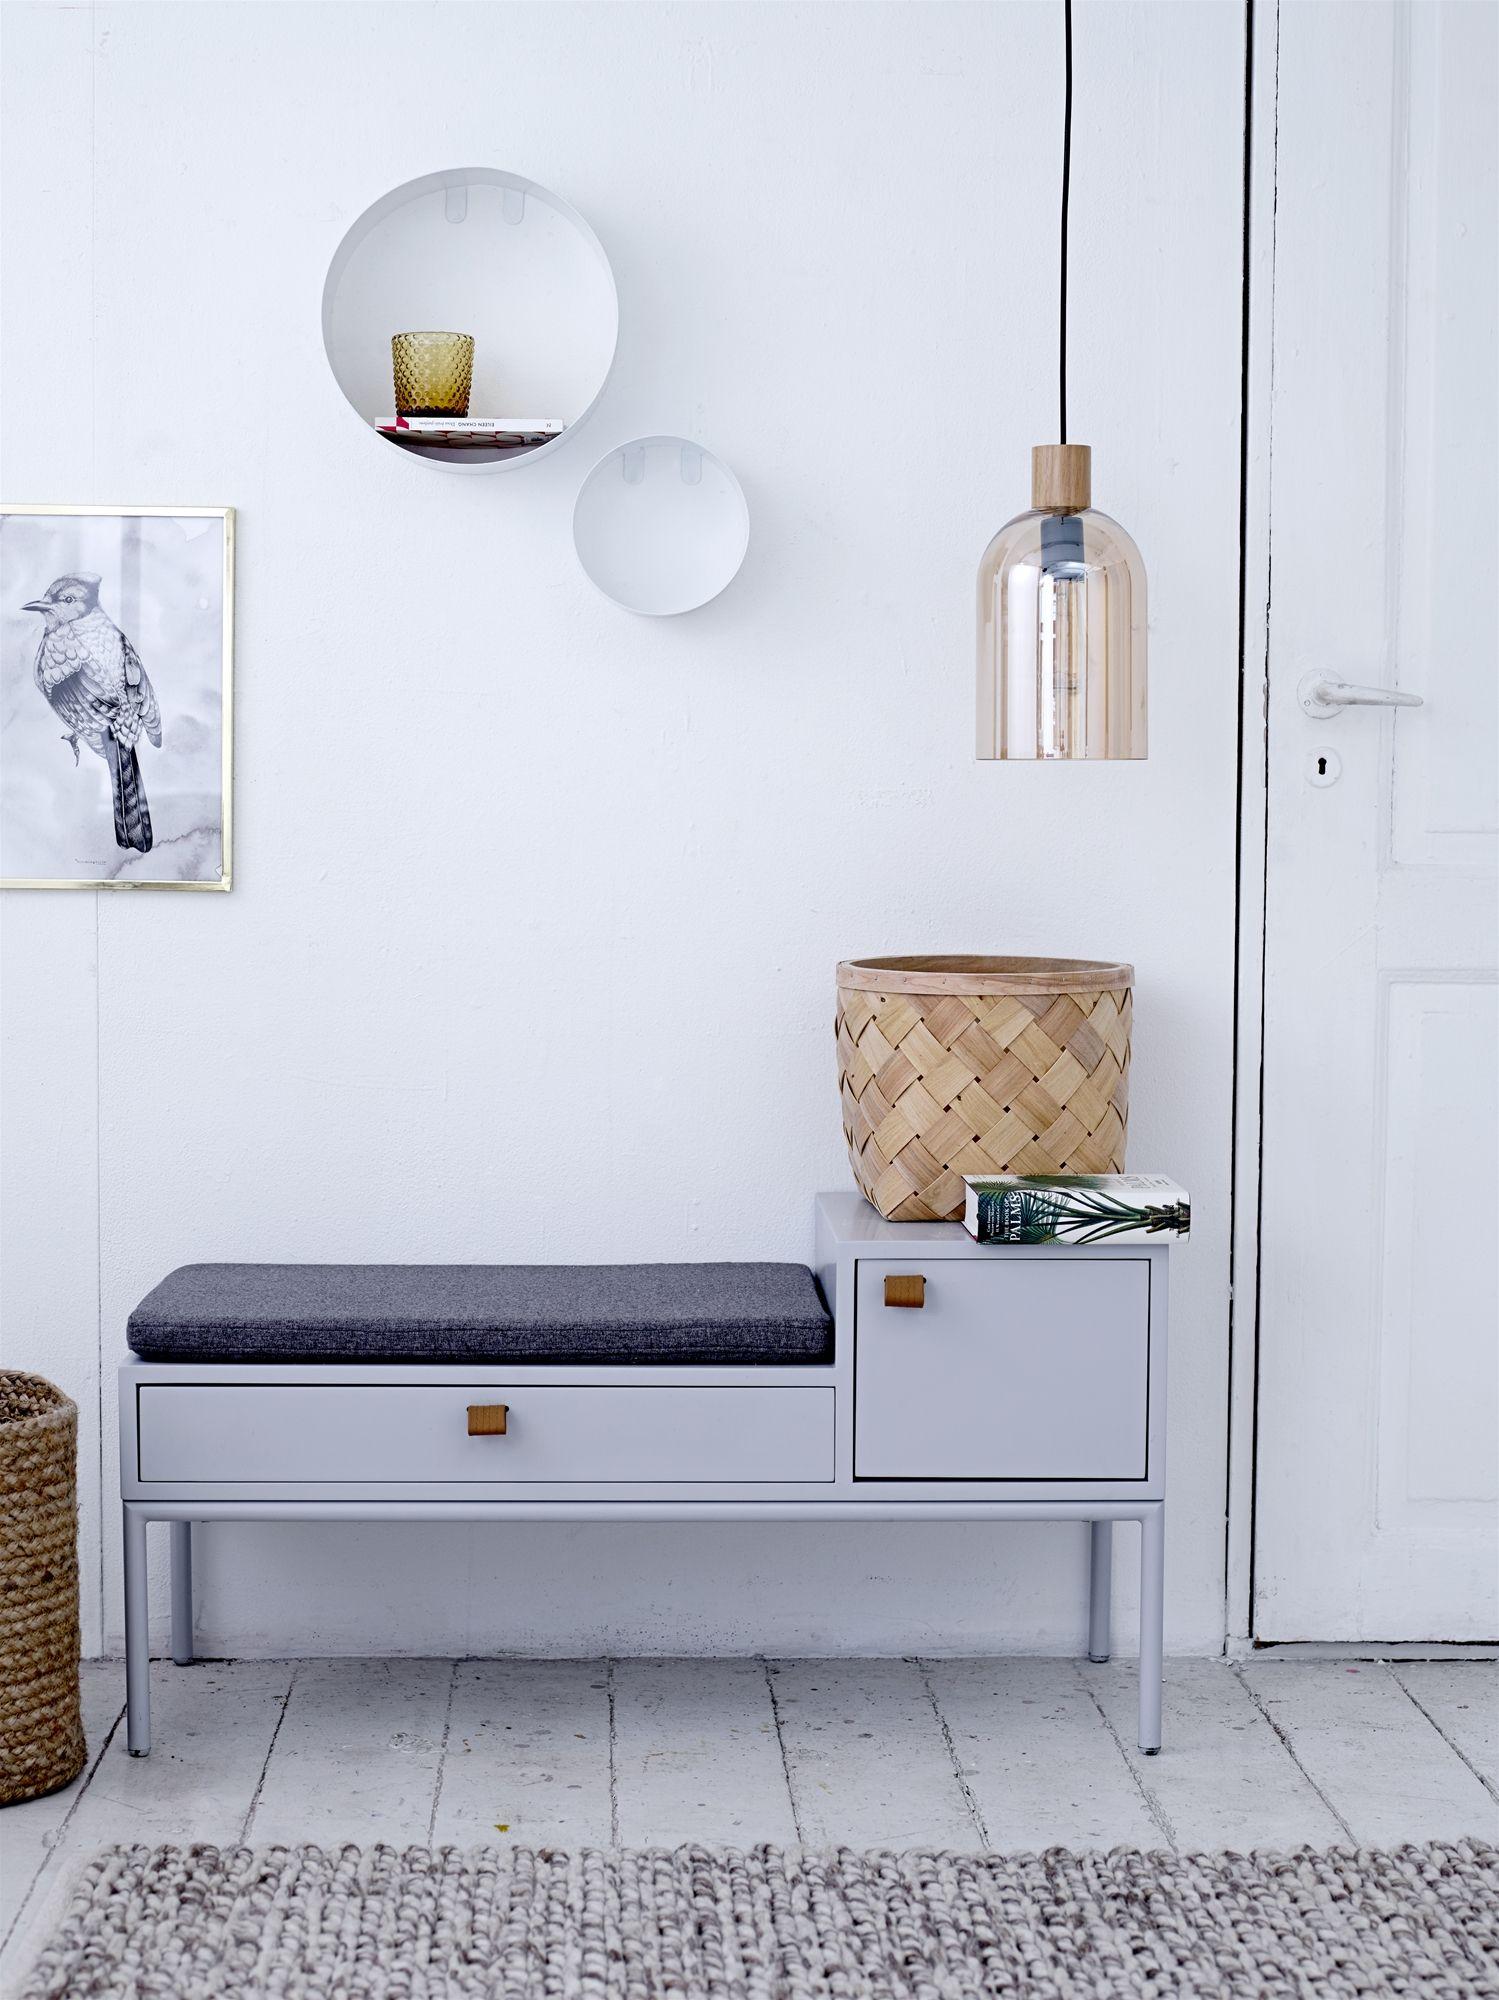 Bank PHONE grau mit Polster und Aufbewahrung | Wohnung | Pinterest ...